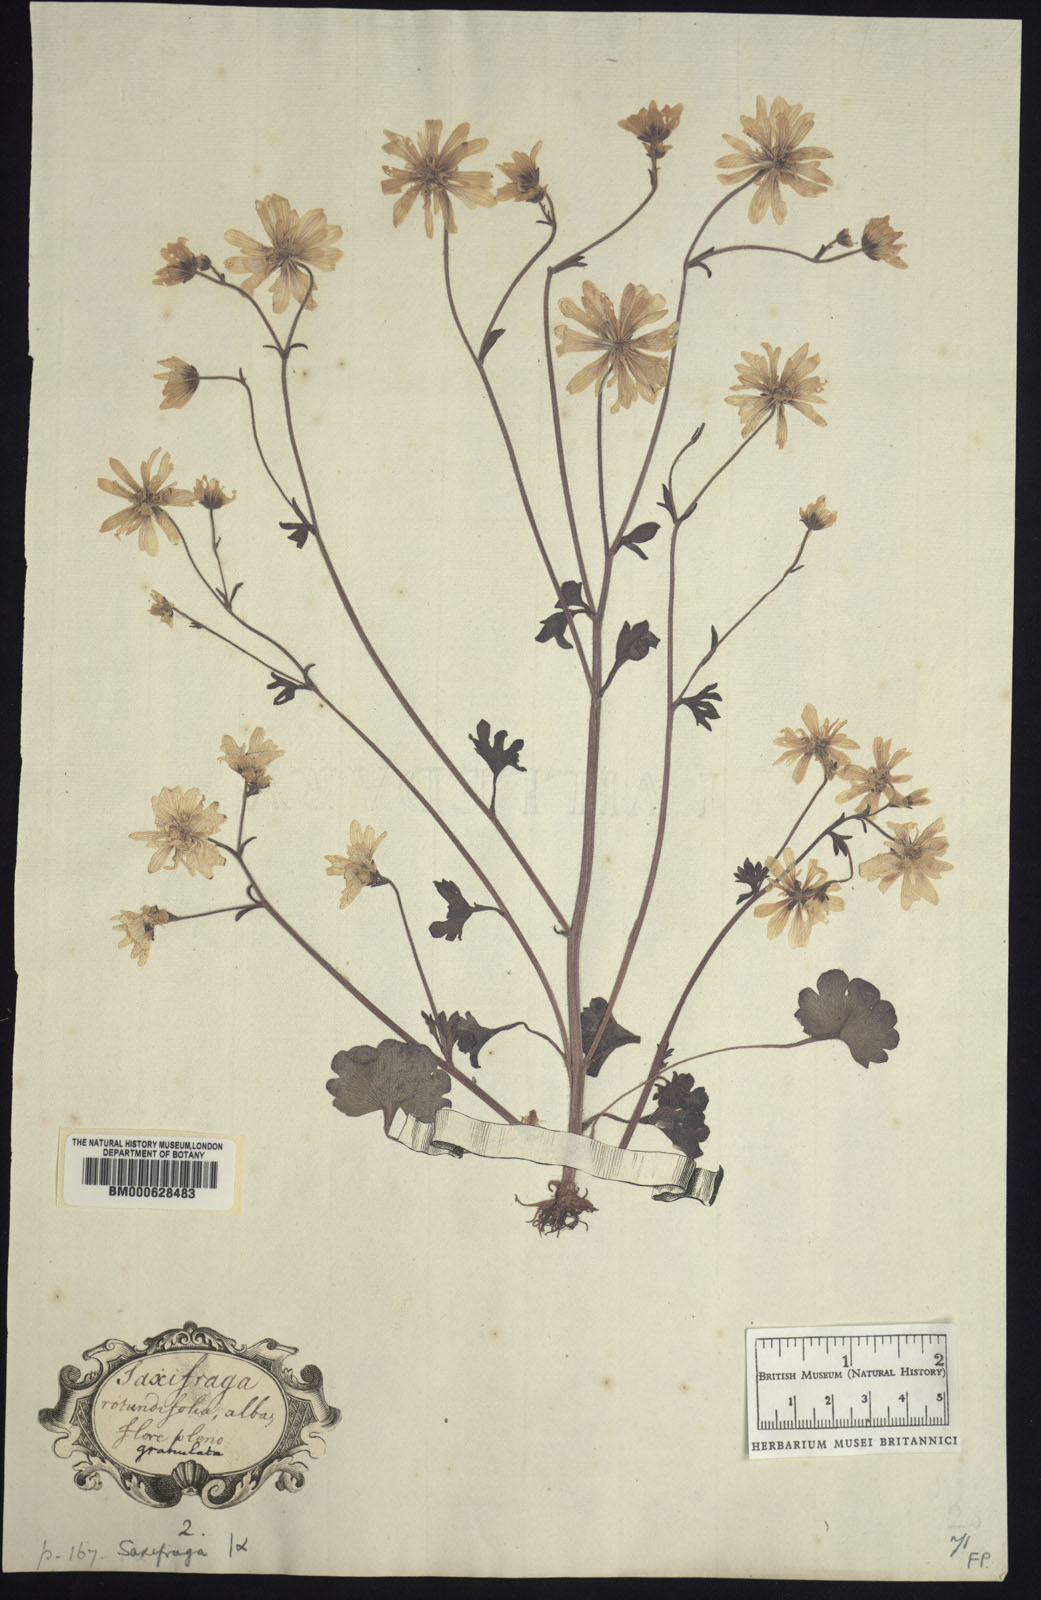 Haarlems Klokkenspel in het Clfford Herbarium - BM000628483